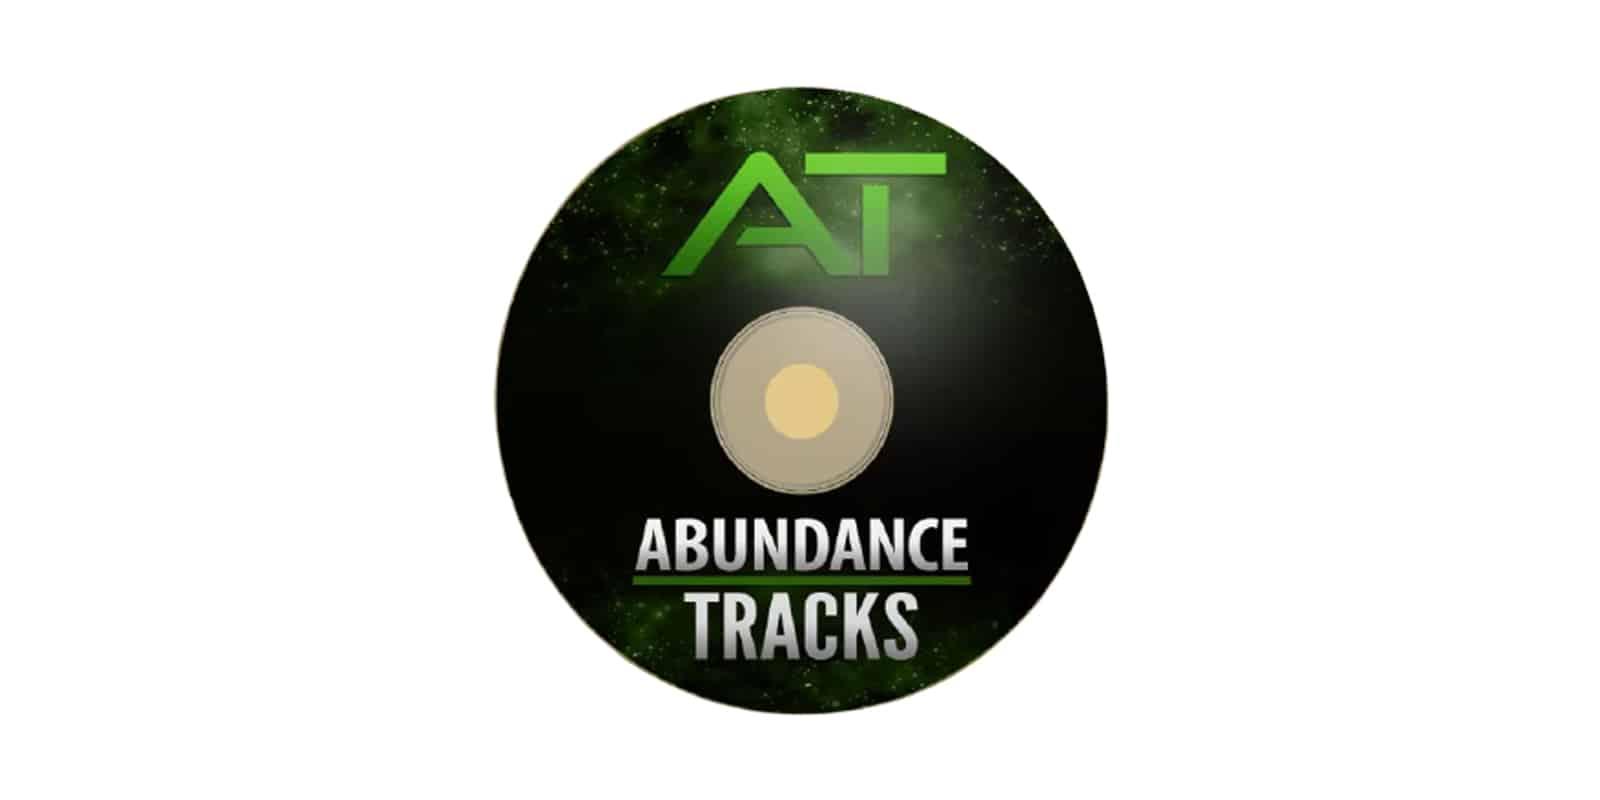 Abundant Manifestation Reviews -Abundance Tracks